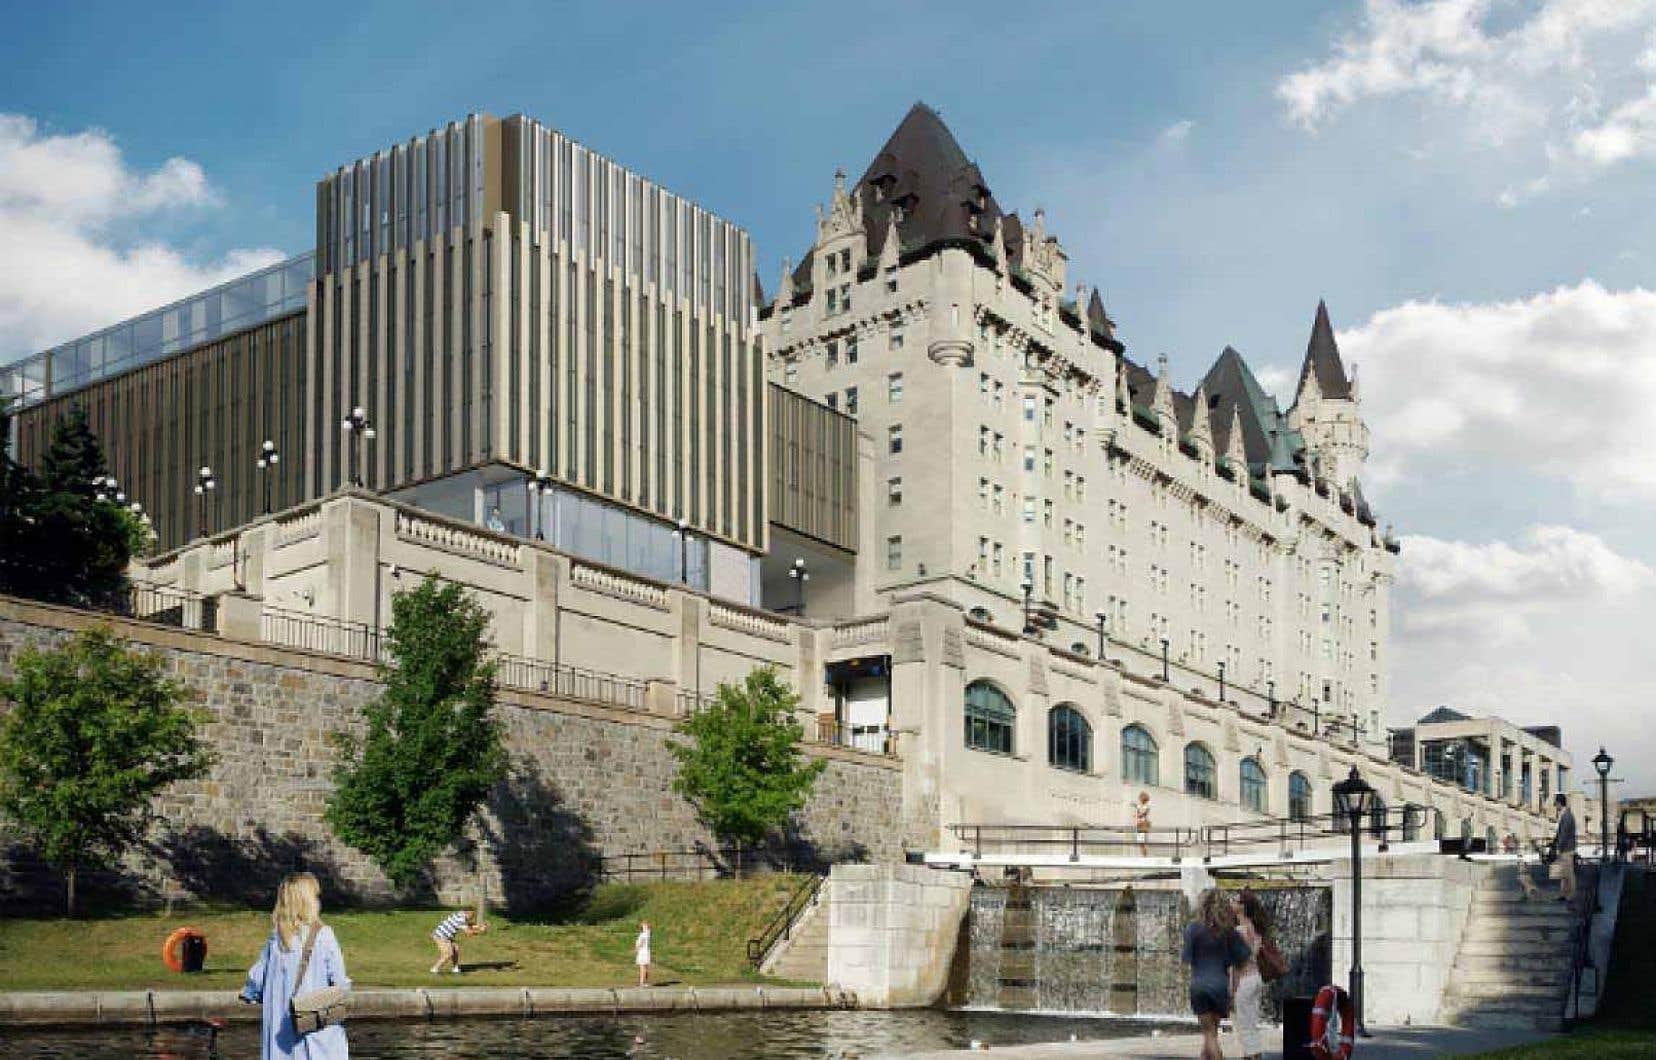 Le conseil municipal d'Ottawa a donné son approbation finale, en juillet, à la construction d'une annexe très controversée.